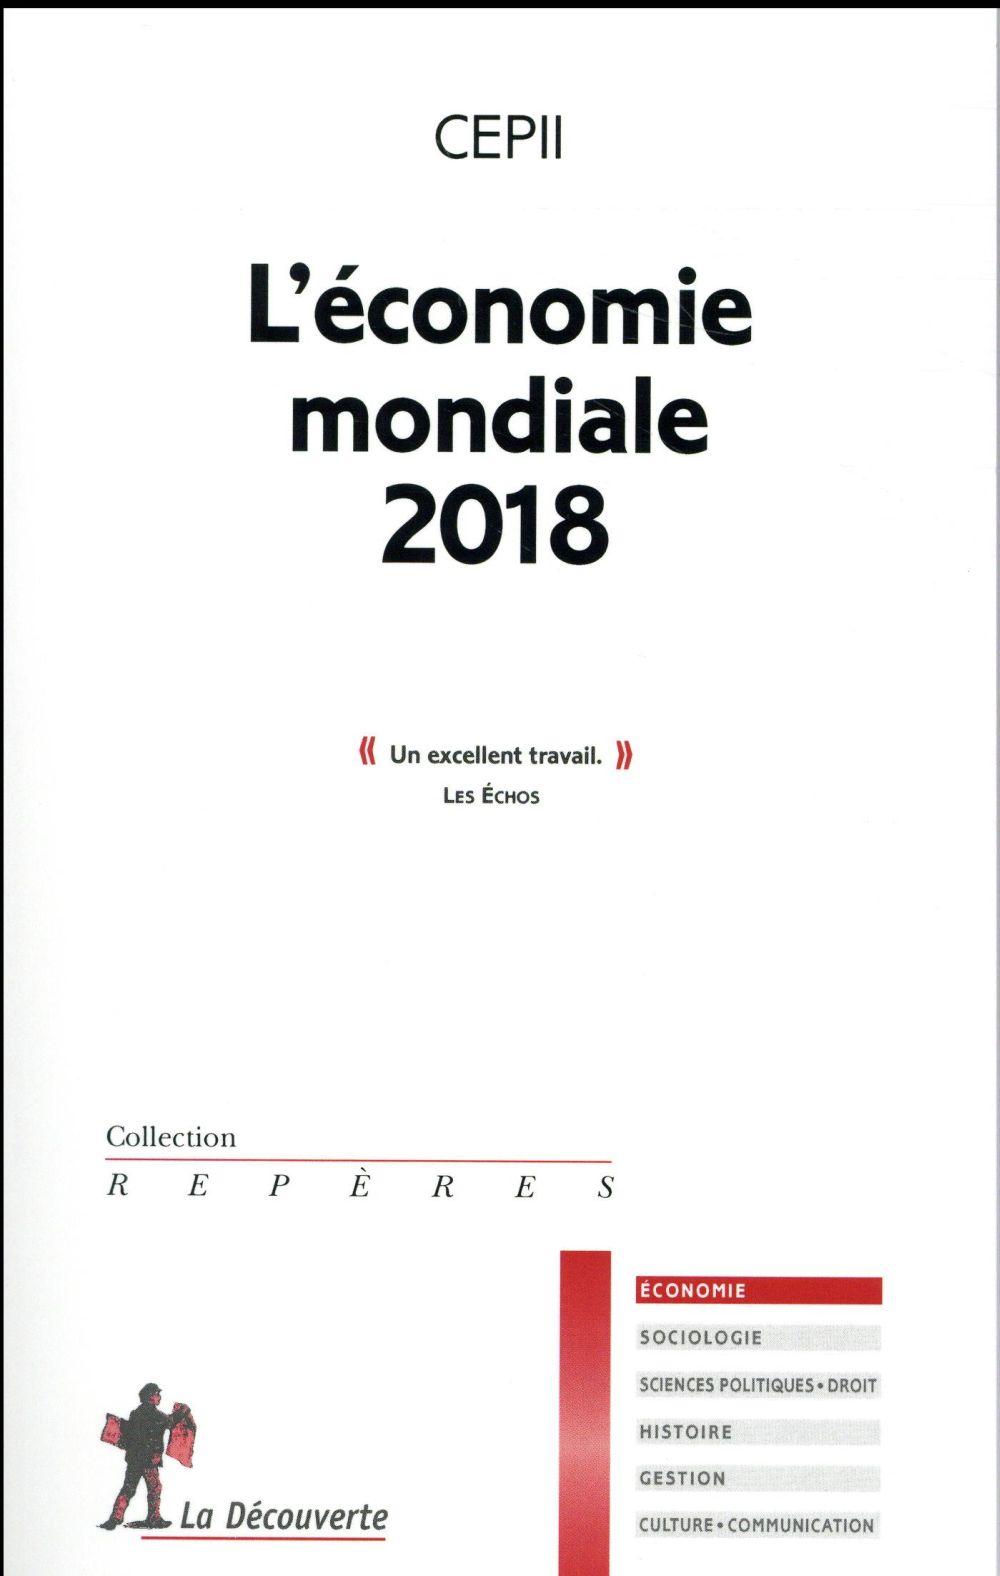 L'ECONOMIE MONDIALE 2018